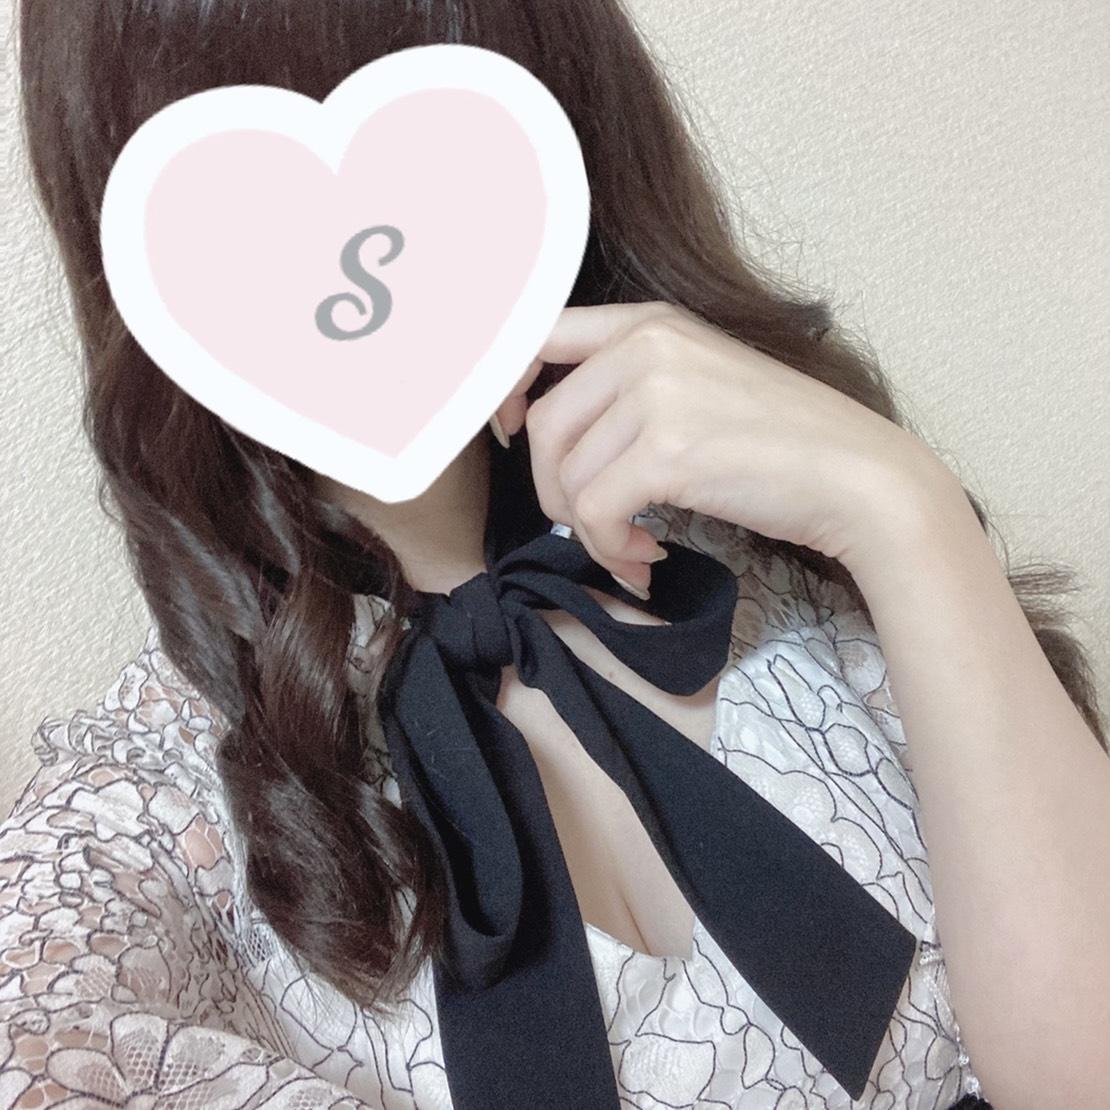 KiSeKi(キセキ)の画像3